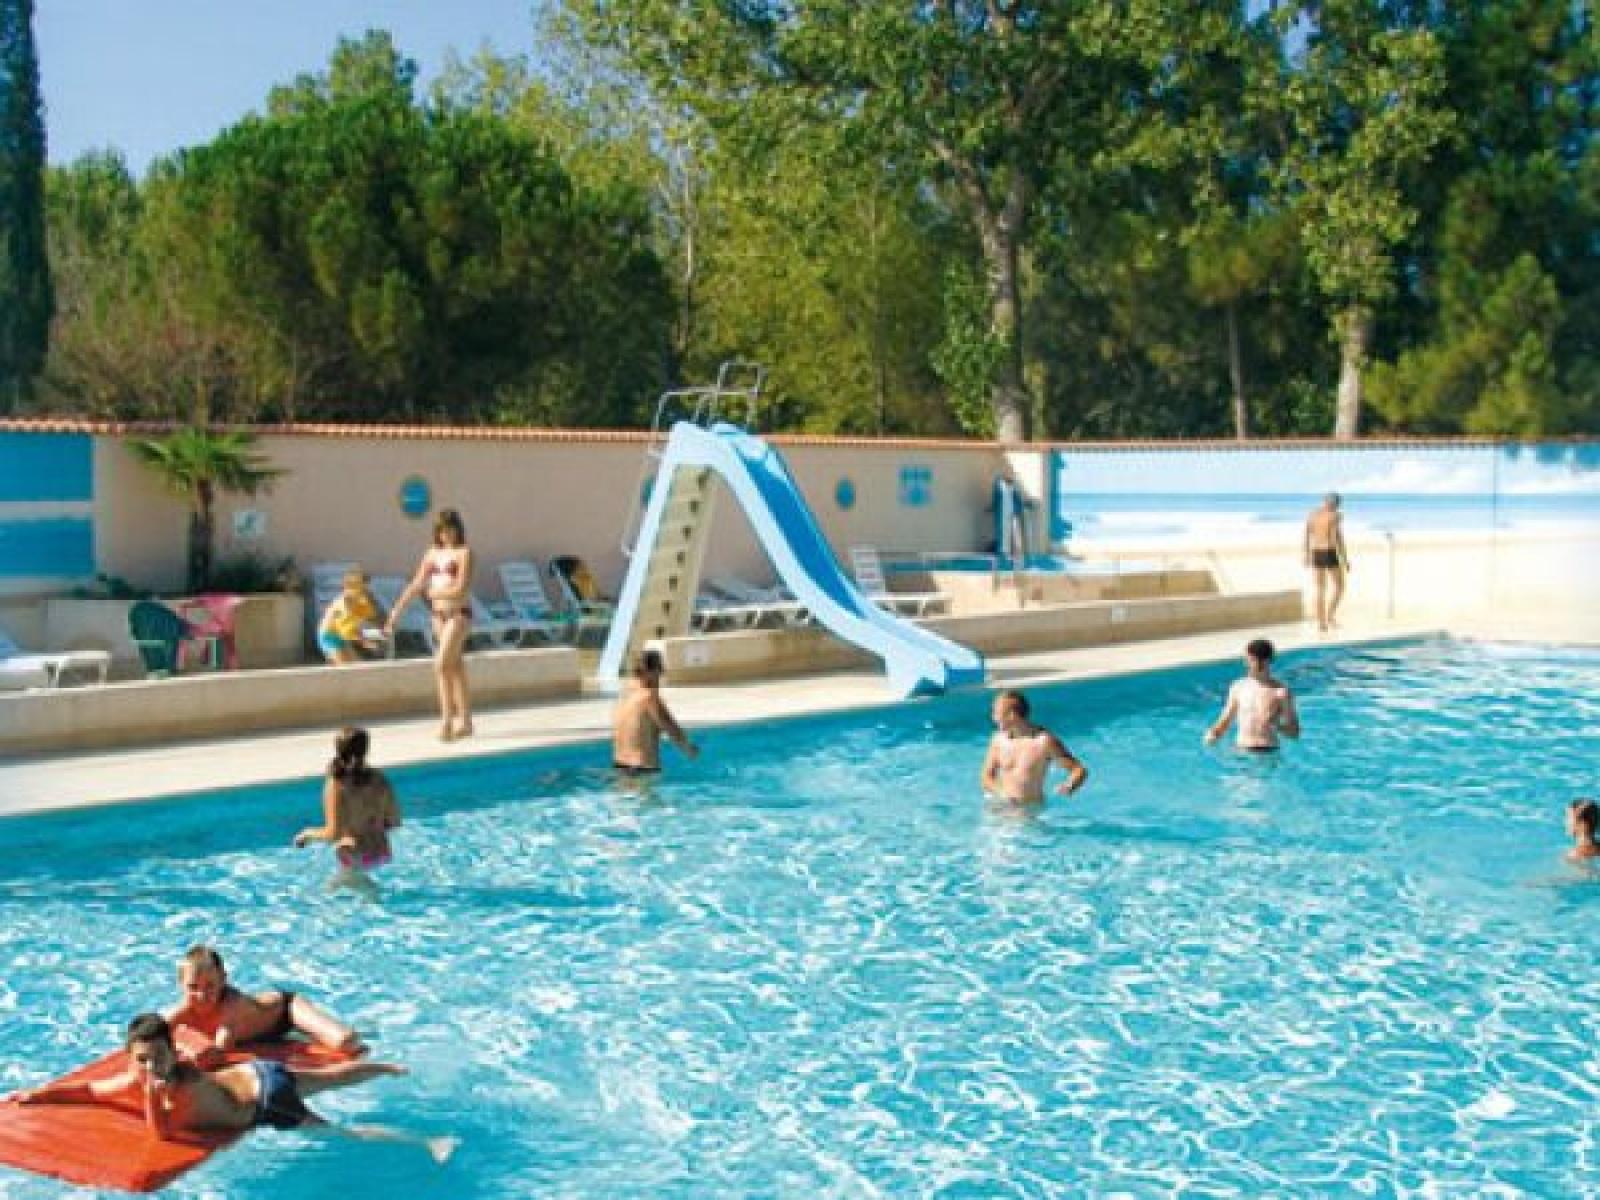 Abri de camargue camping au grau du roi port camargue for Camping en camargue avec piscine